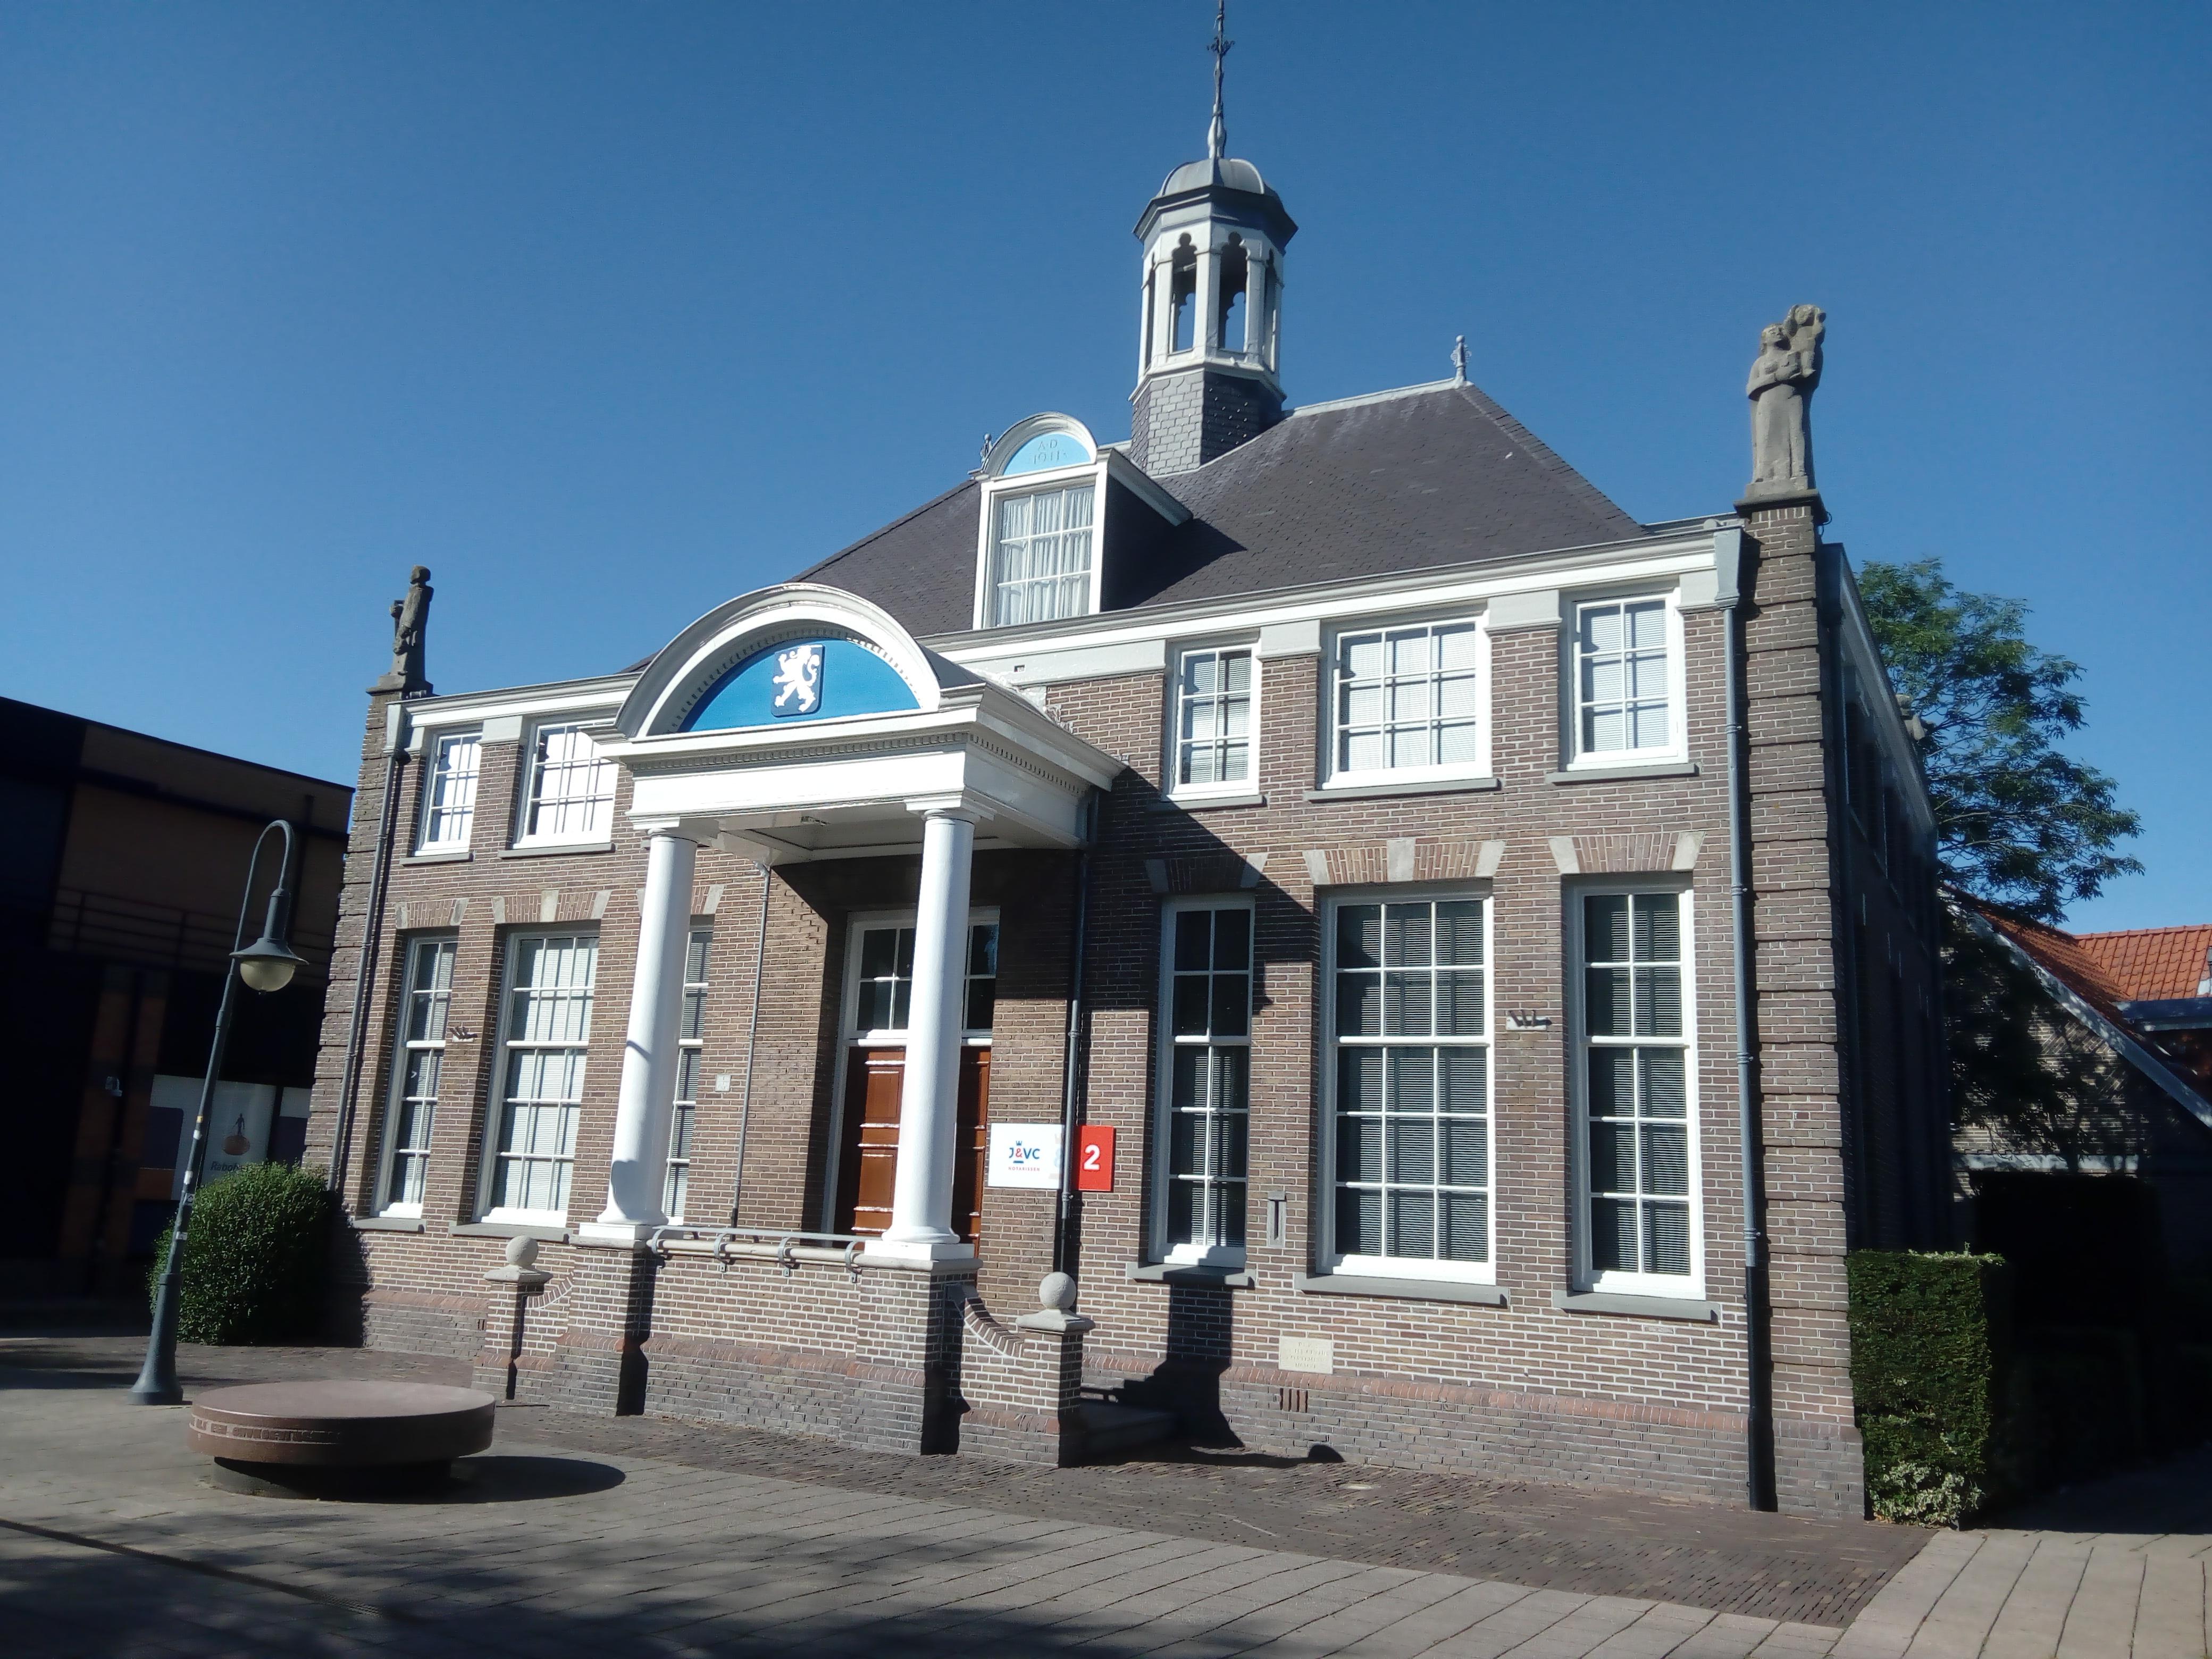 In het centrum van Heemskerk staan diverse gebouwen met een lange historie, zoals het voormalig gemeentehuis aan het Burgemeester Nielenplein. (Foto: Bos Media Services)